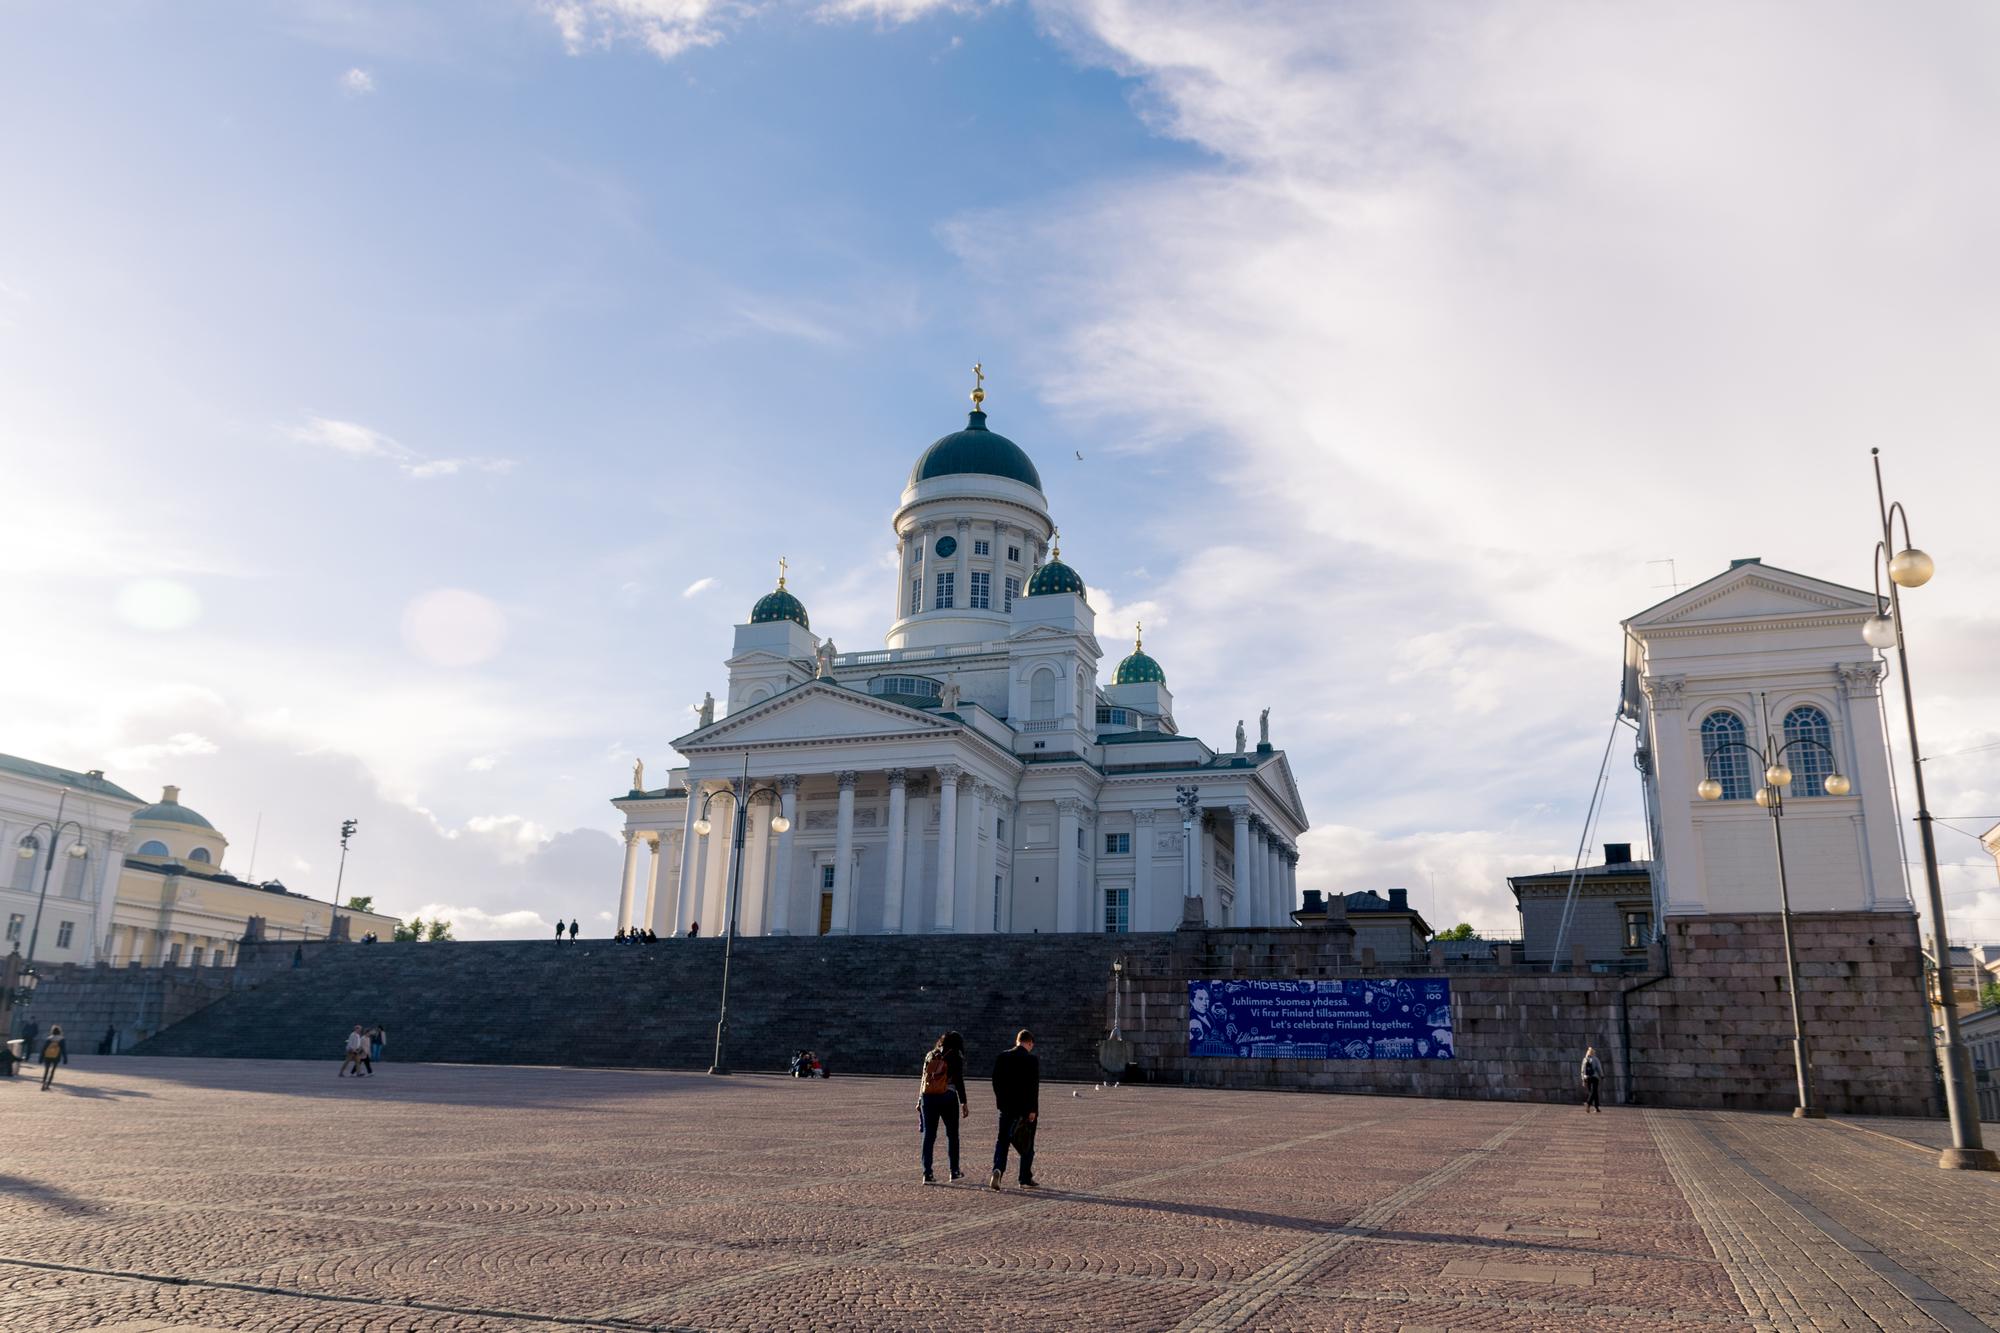 Työmatkalla Helsingissä: muista nauttia myös vapaa-ajasta